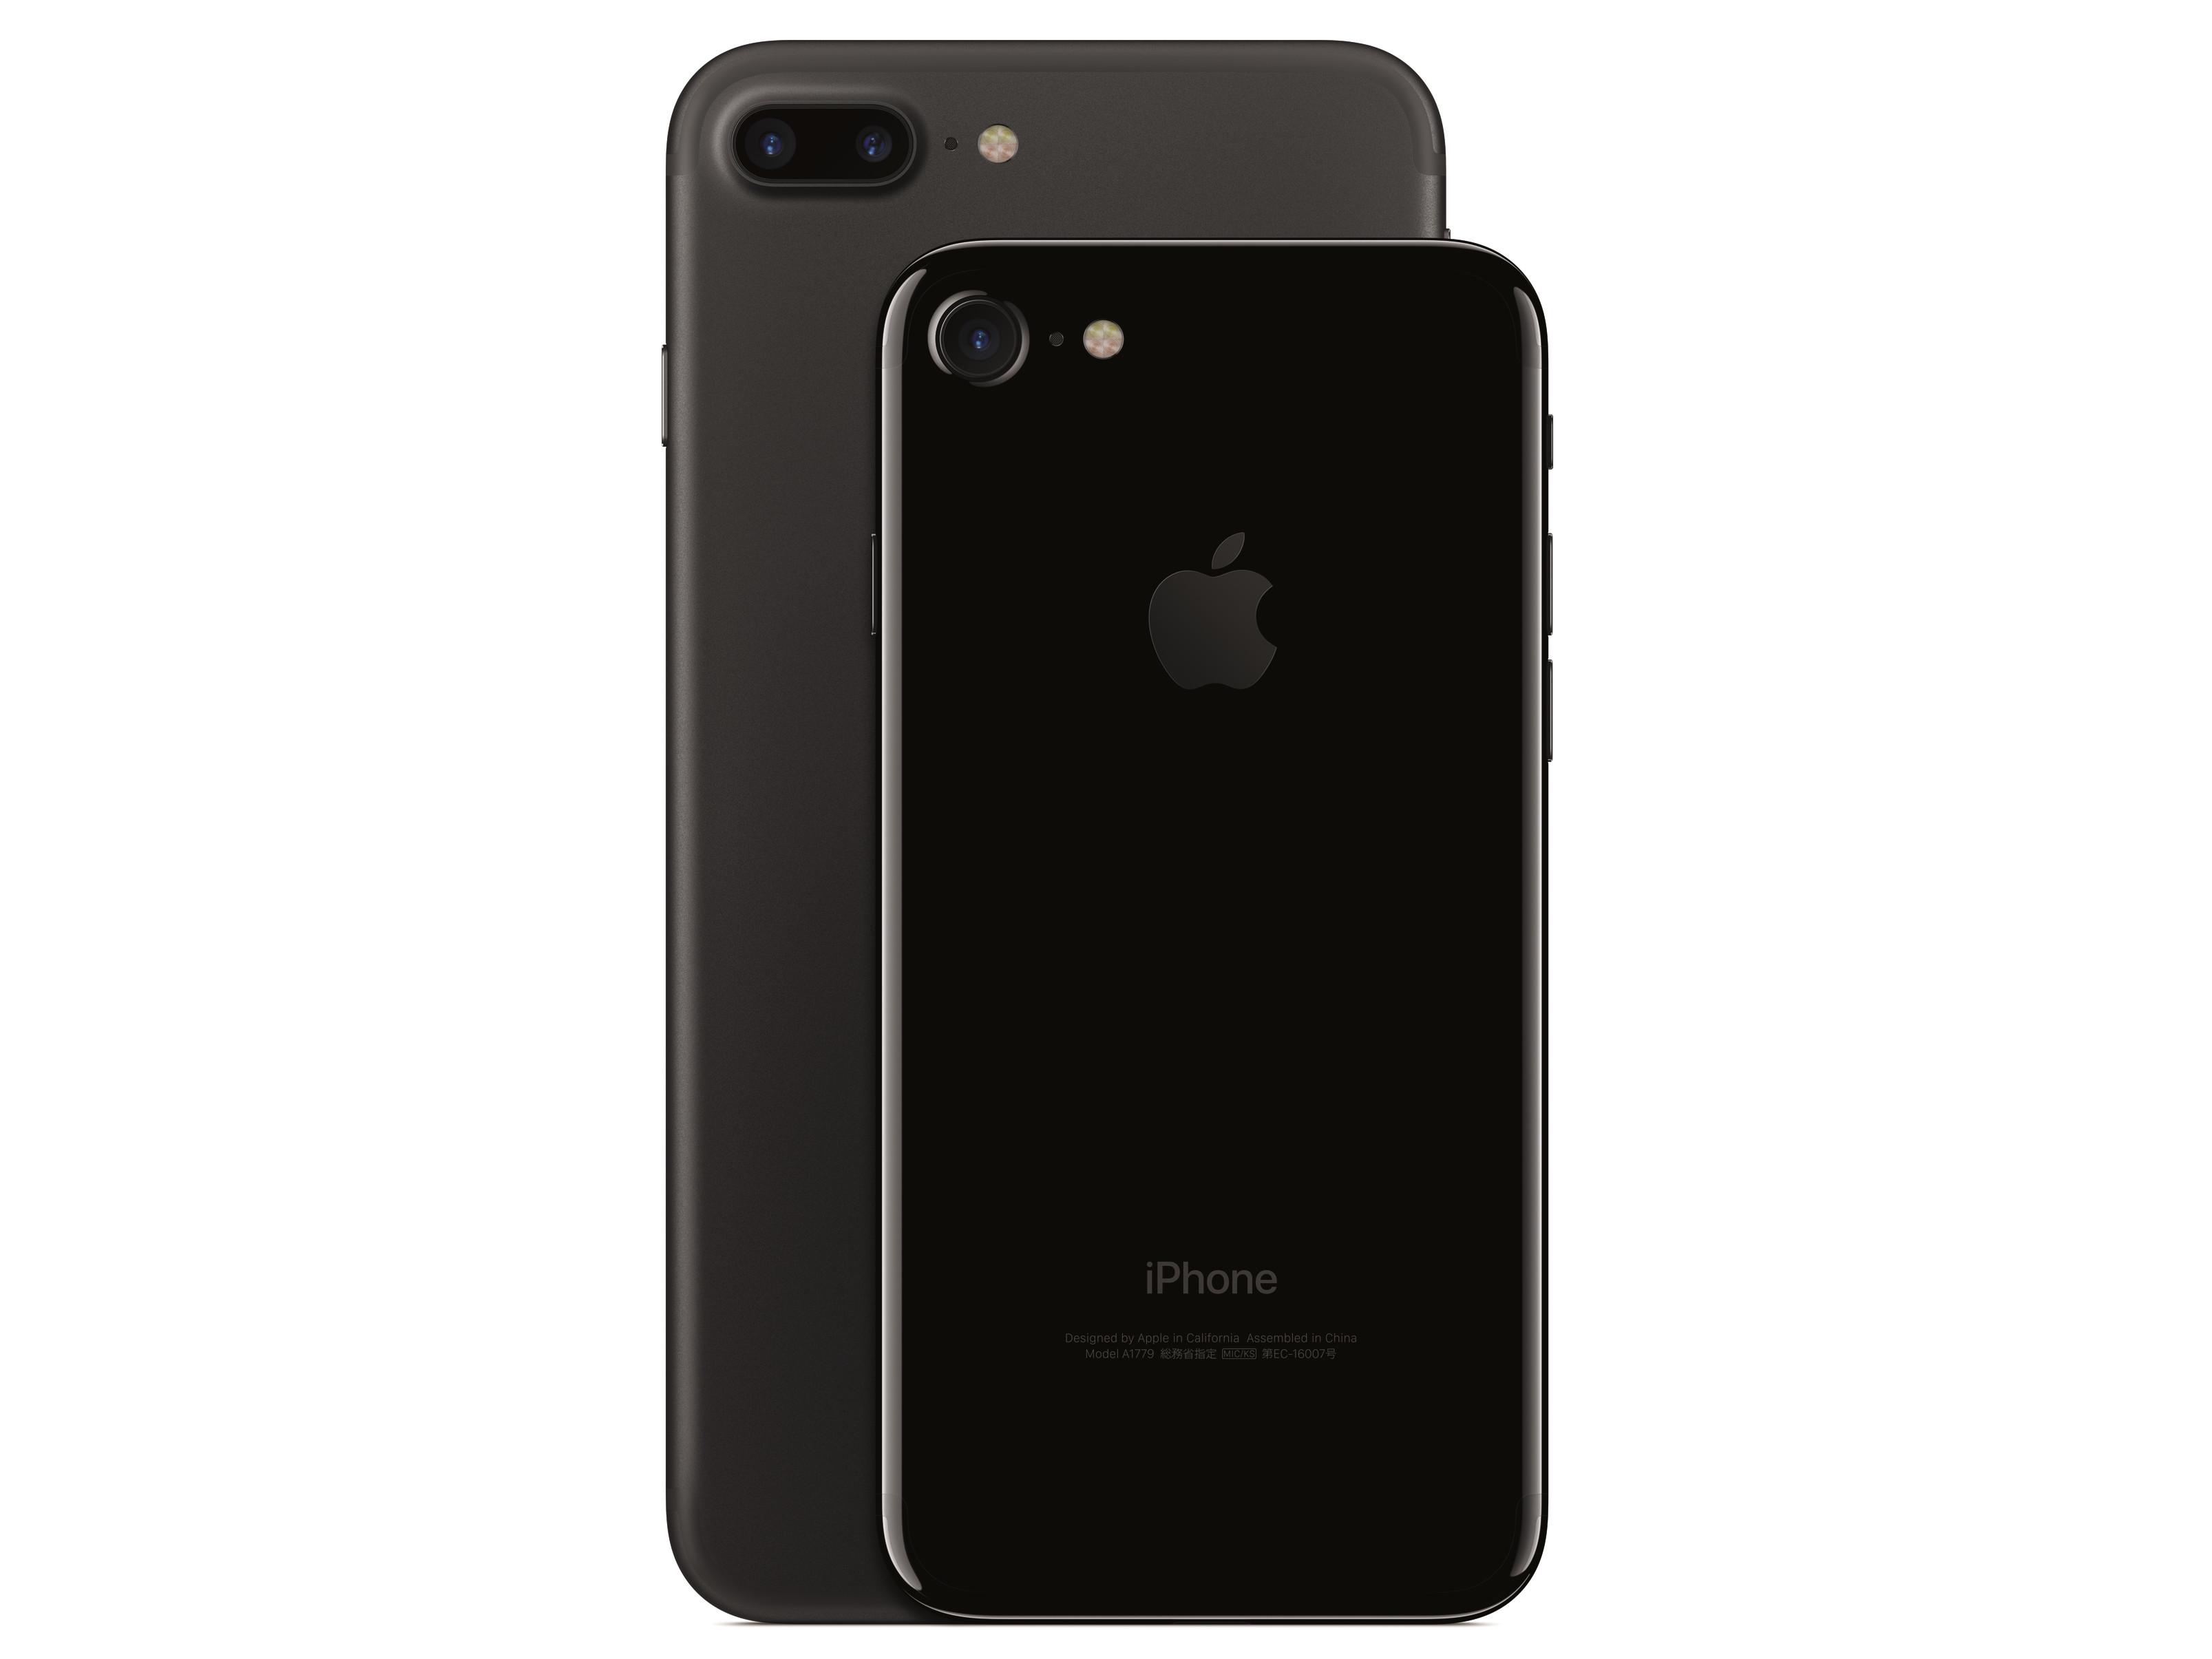 iPhone 7 e 7 Plus: Black vs Jet Black, quali sono le differenze?